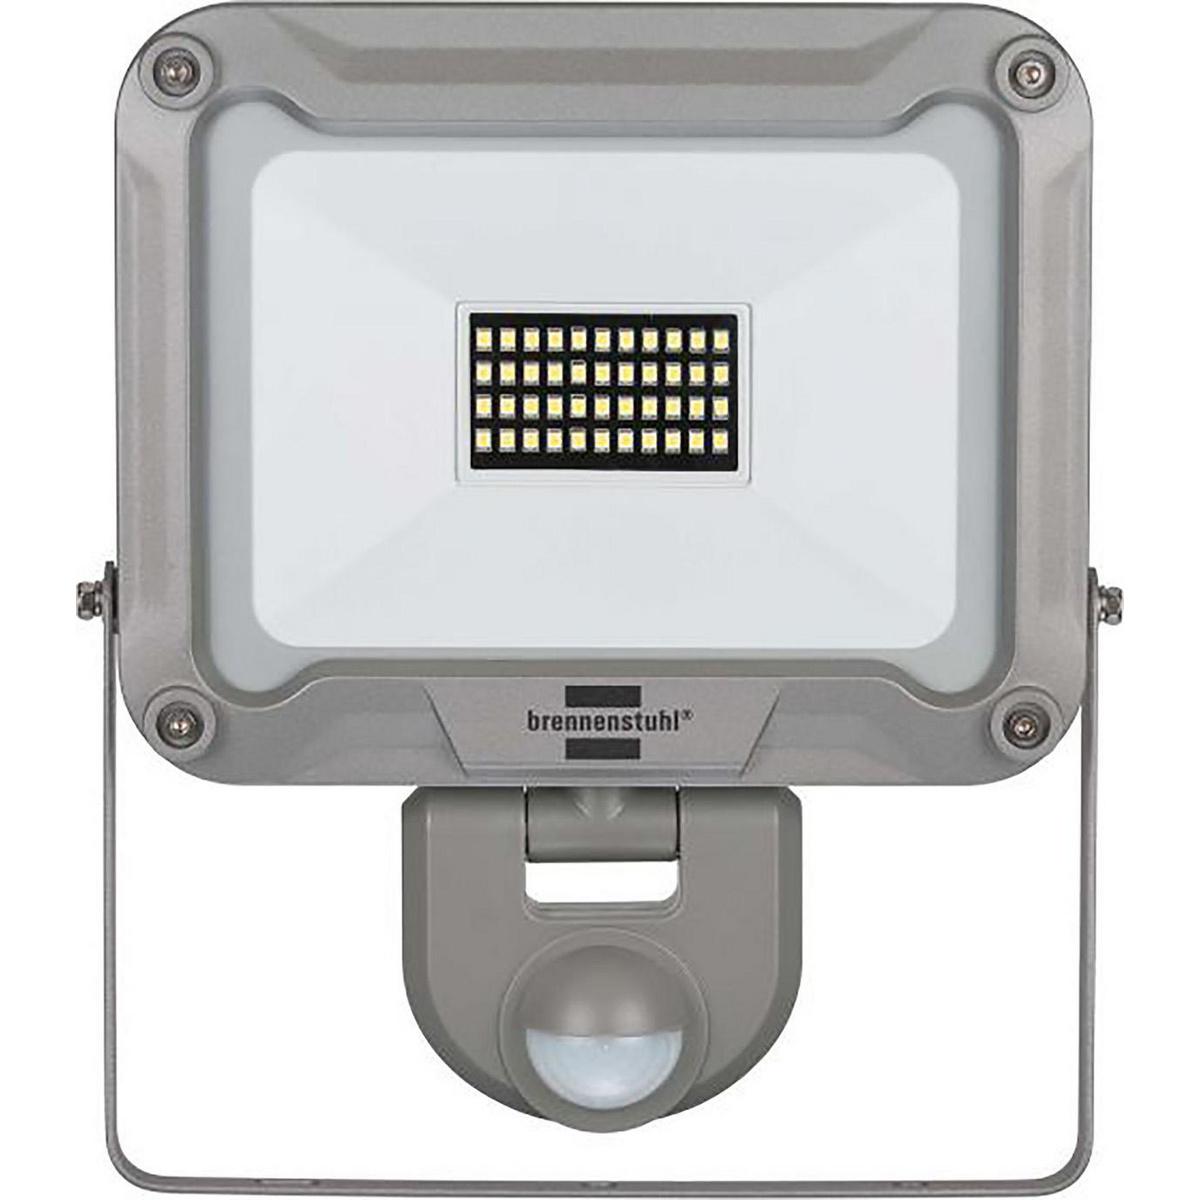 Slim LED-straler L DN 5630 FL PIR IP 54. Voor buiten- en binnenmontage, IP 54<br /> Led-spot met 56 uiterst heldere sms-leds Ideaal voor de automatische verlichting van ingangen, opritten of carports, alsook voor ter afschrikking tegen inbraak en diefstal<br /> Ber